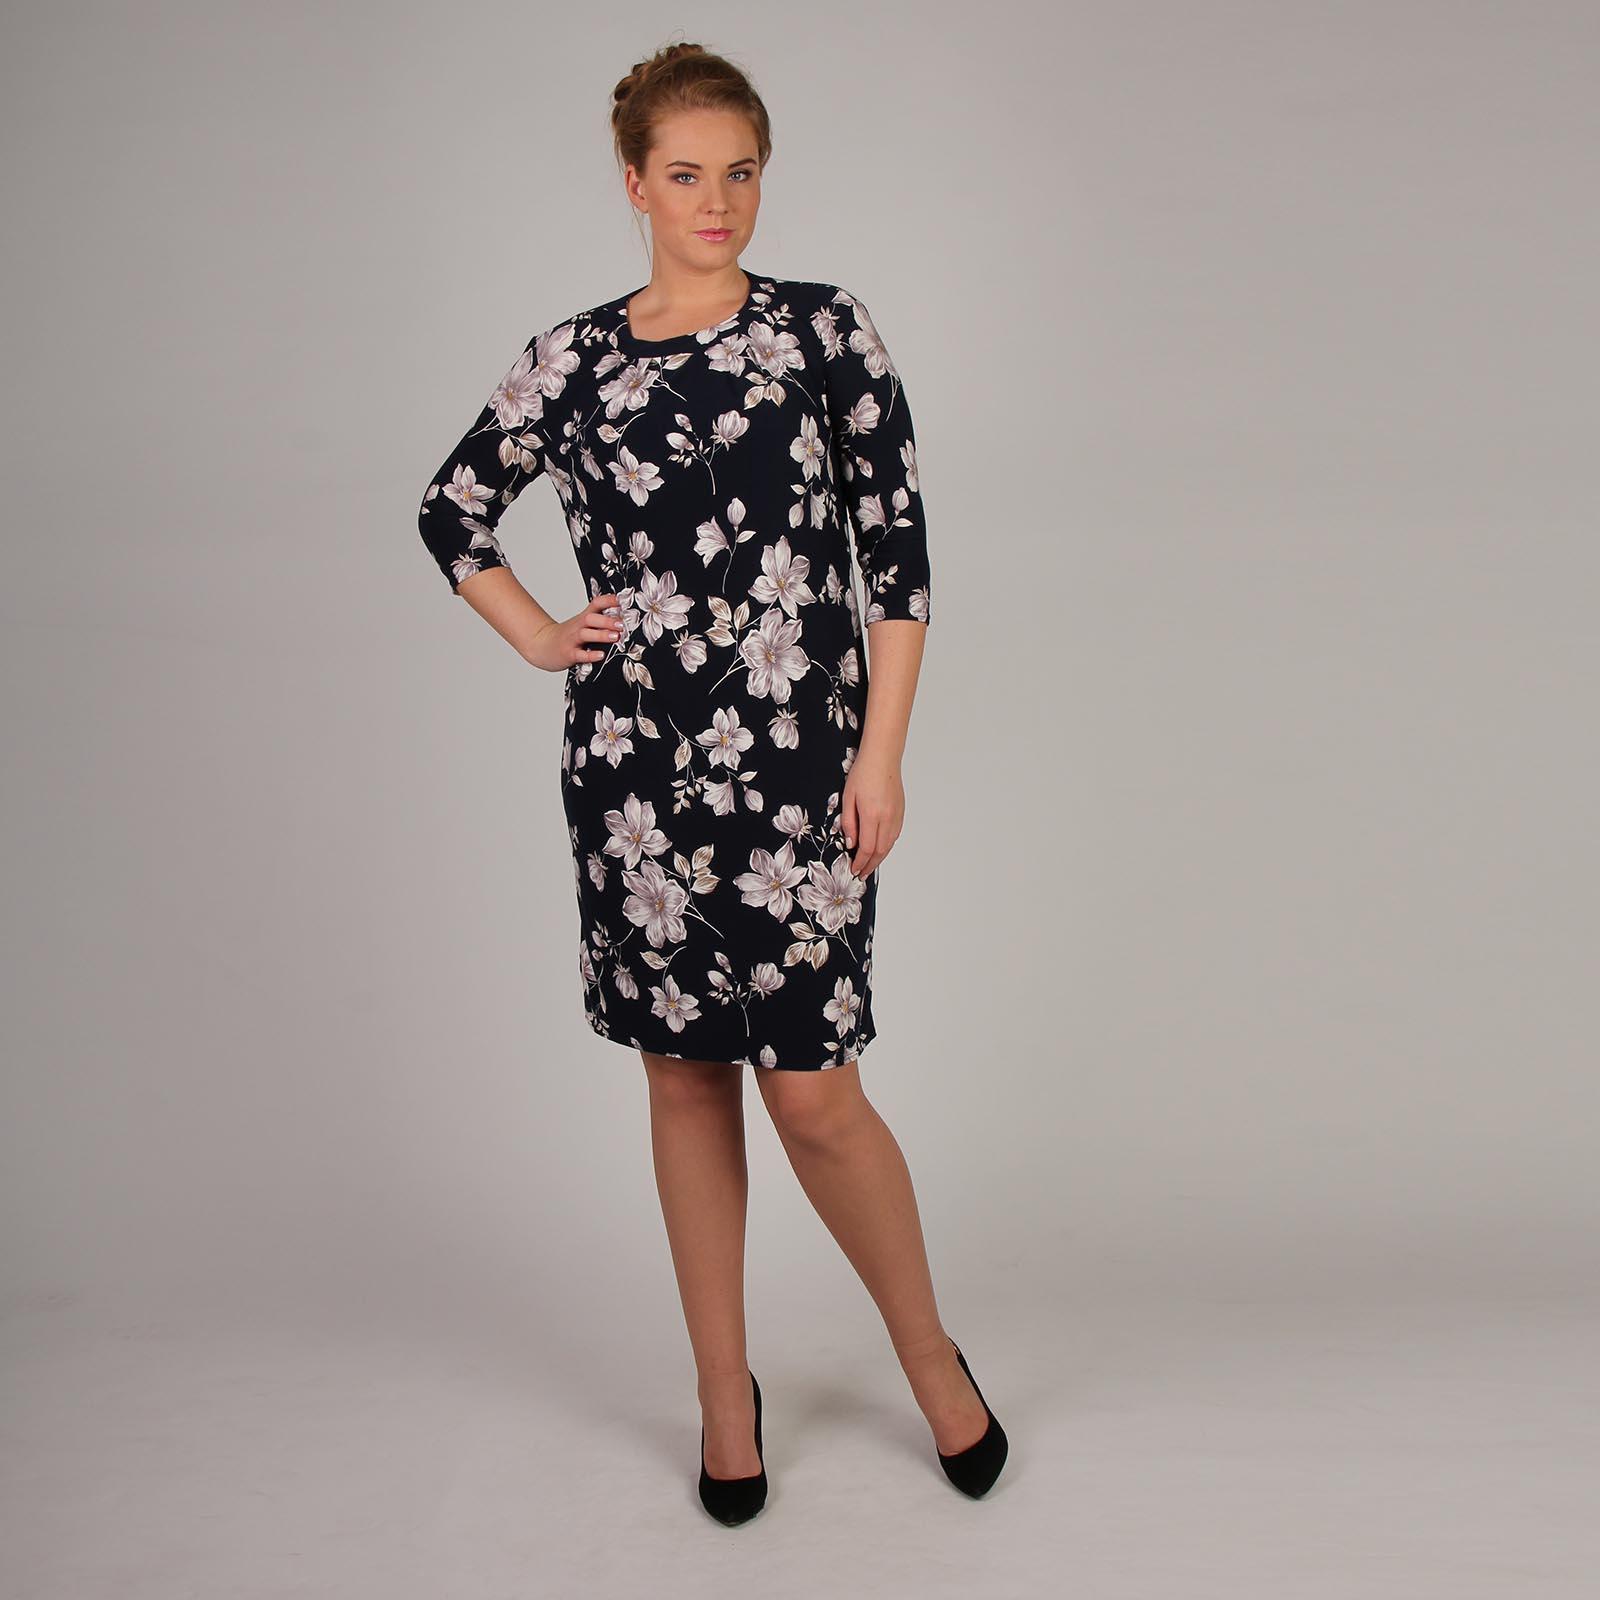 Платье прямого кроя с принтом «Осенние цветы»